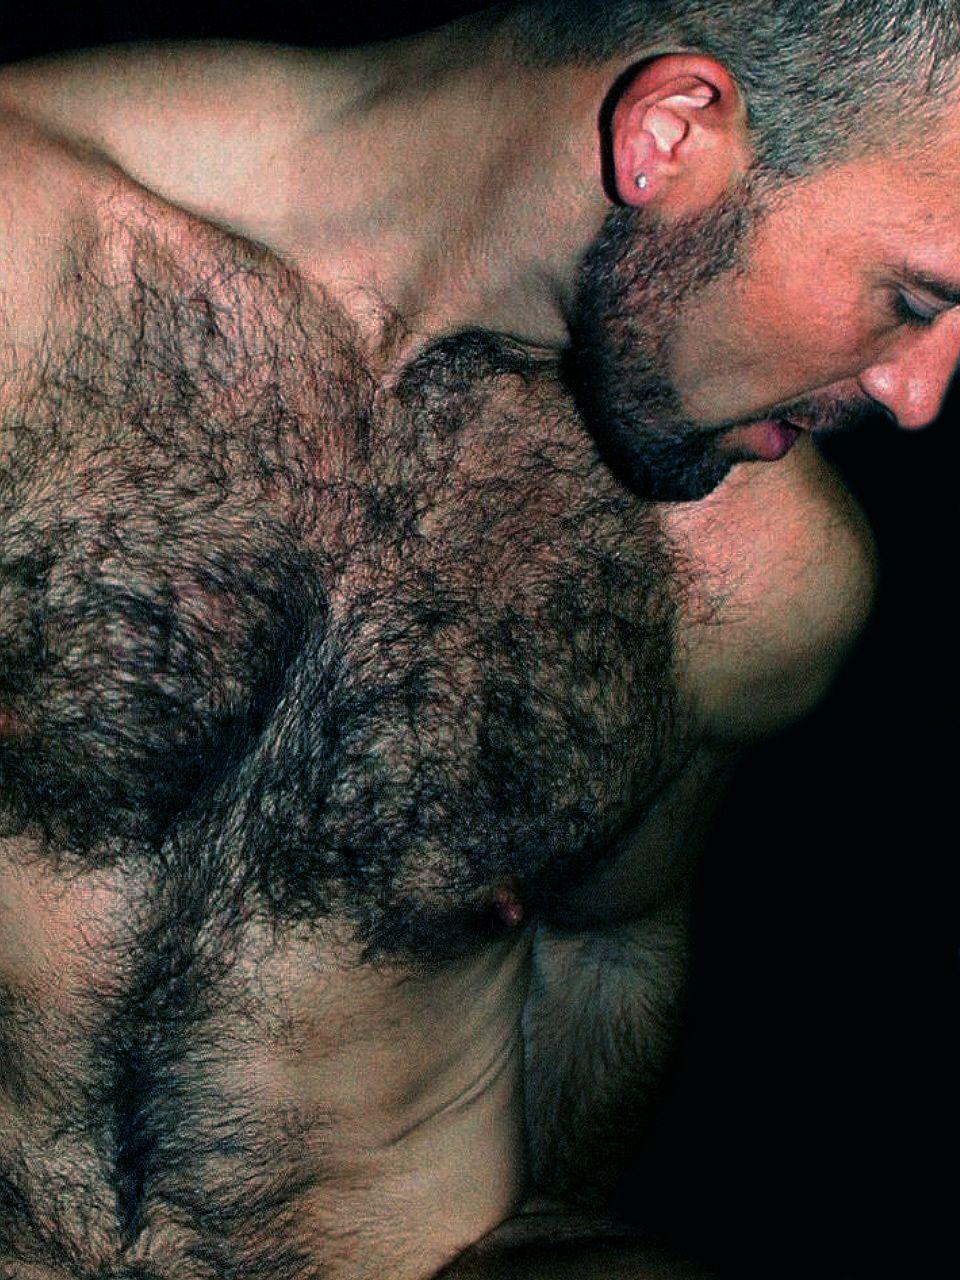 hairy chested bear jpg 1152x768